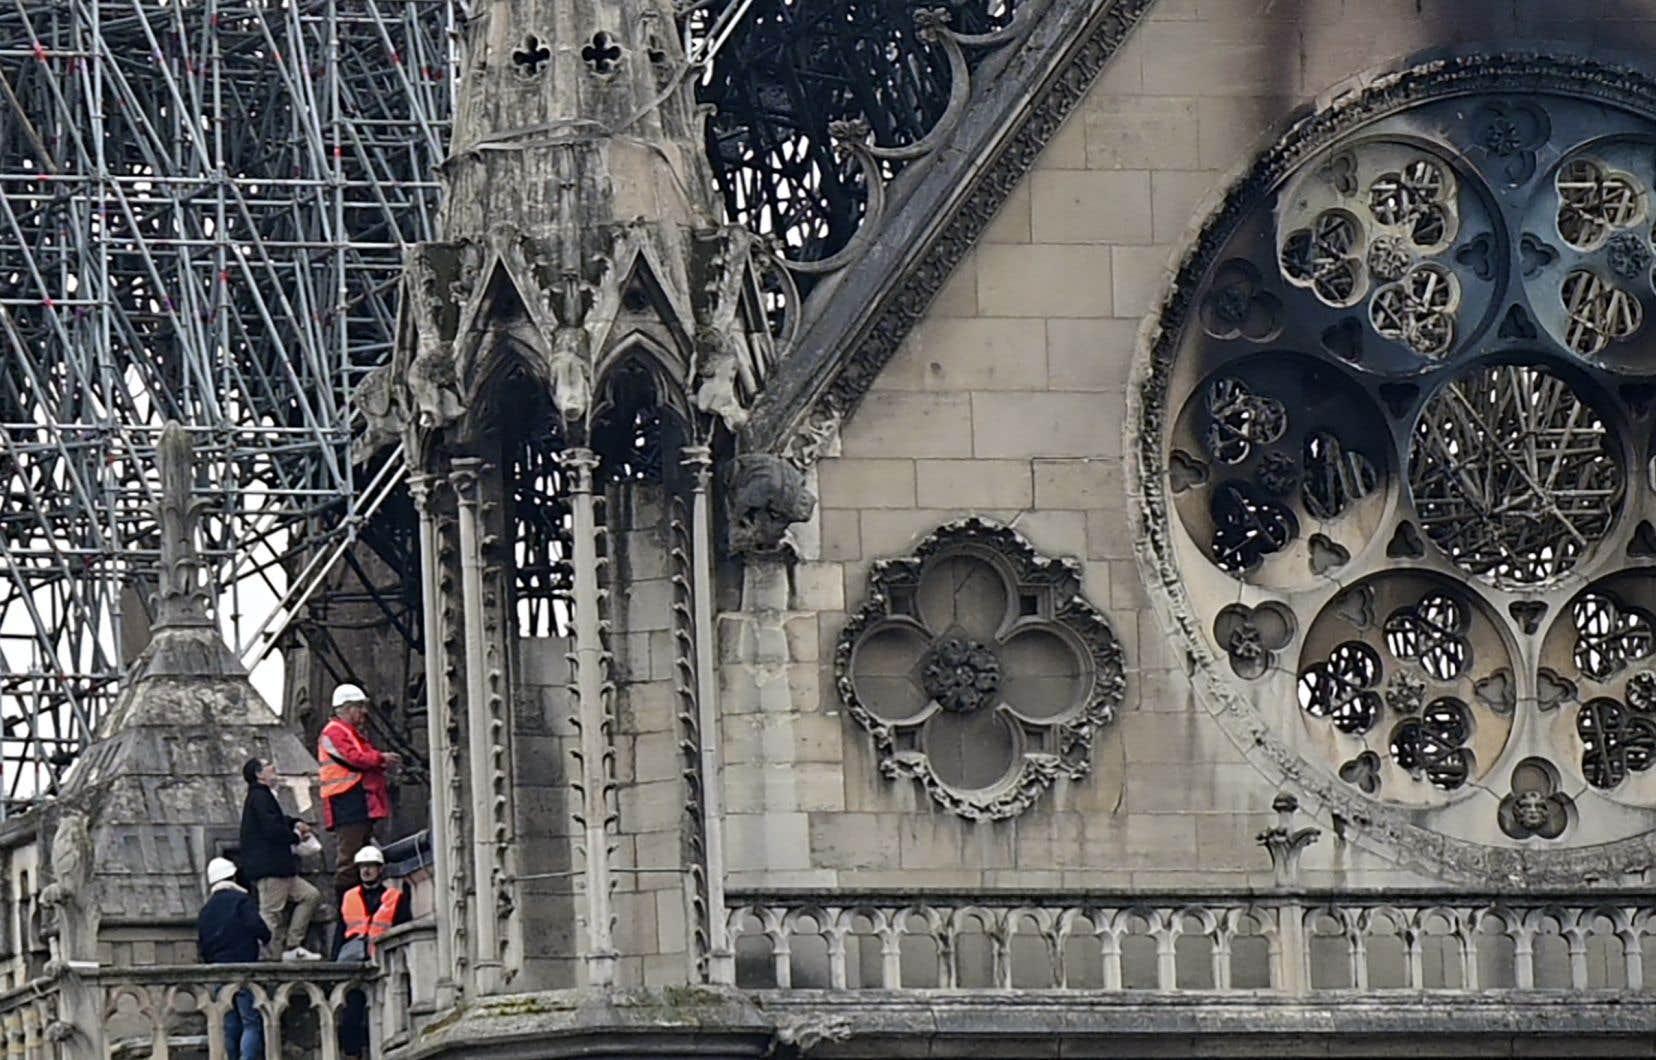 Il va falloir prévoir des échafaudages géants et complexes. Et aussi probablement placer au-dessus de la cathédrale un parapluie géant pour que les combles sèchent. Puis les bois devront être enlevés, avec prudence.